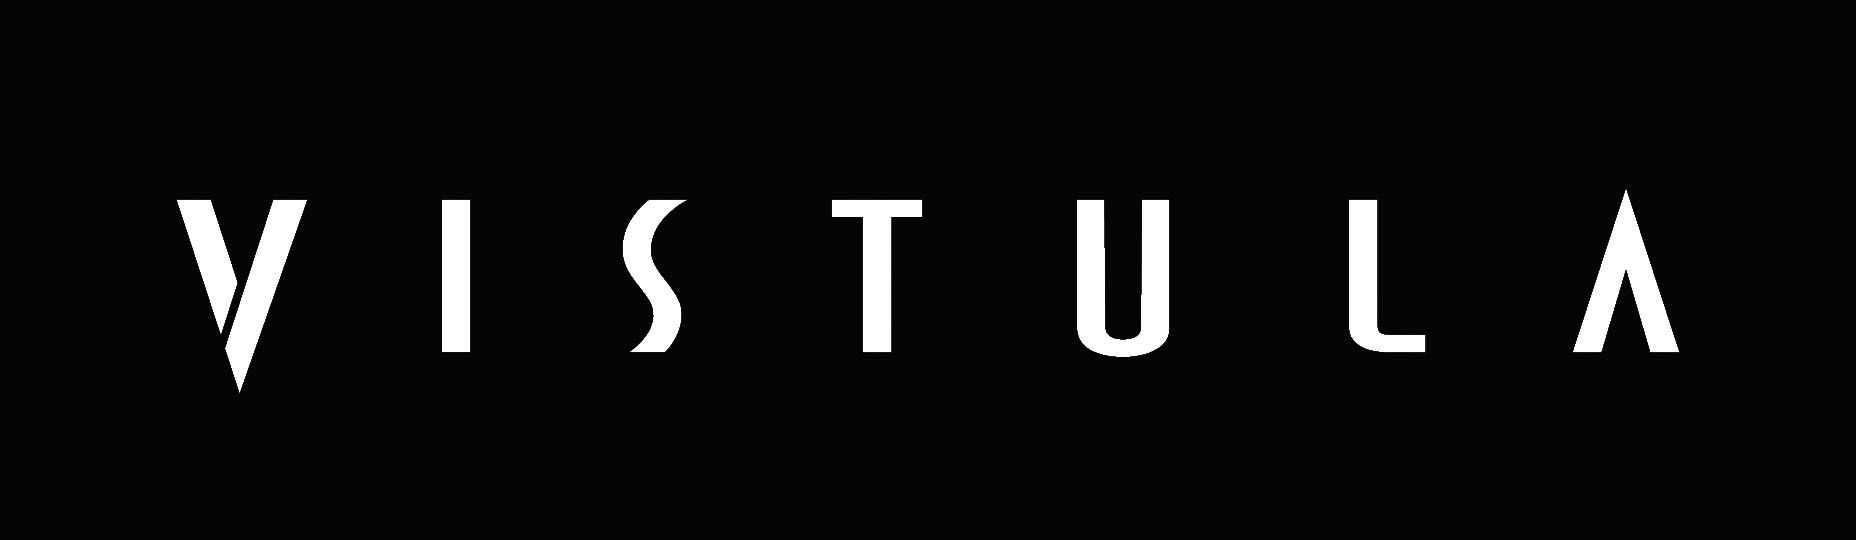 czarne logo marki odzieżowe. Inmarketing.